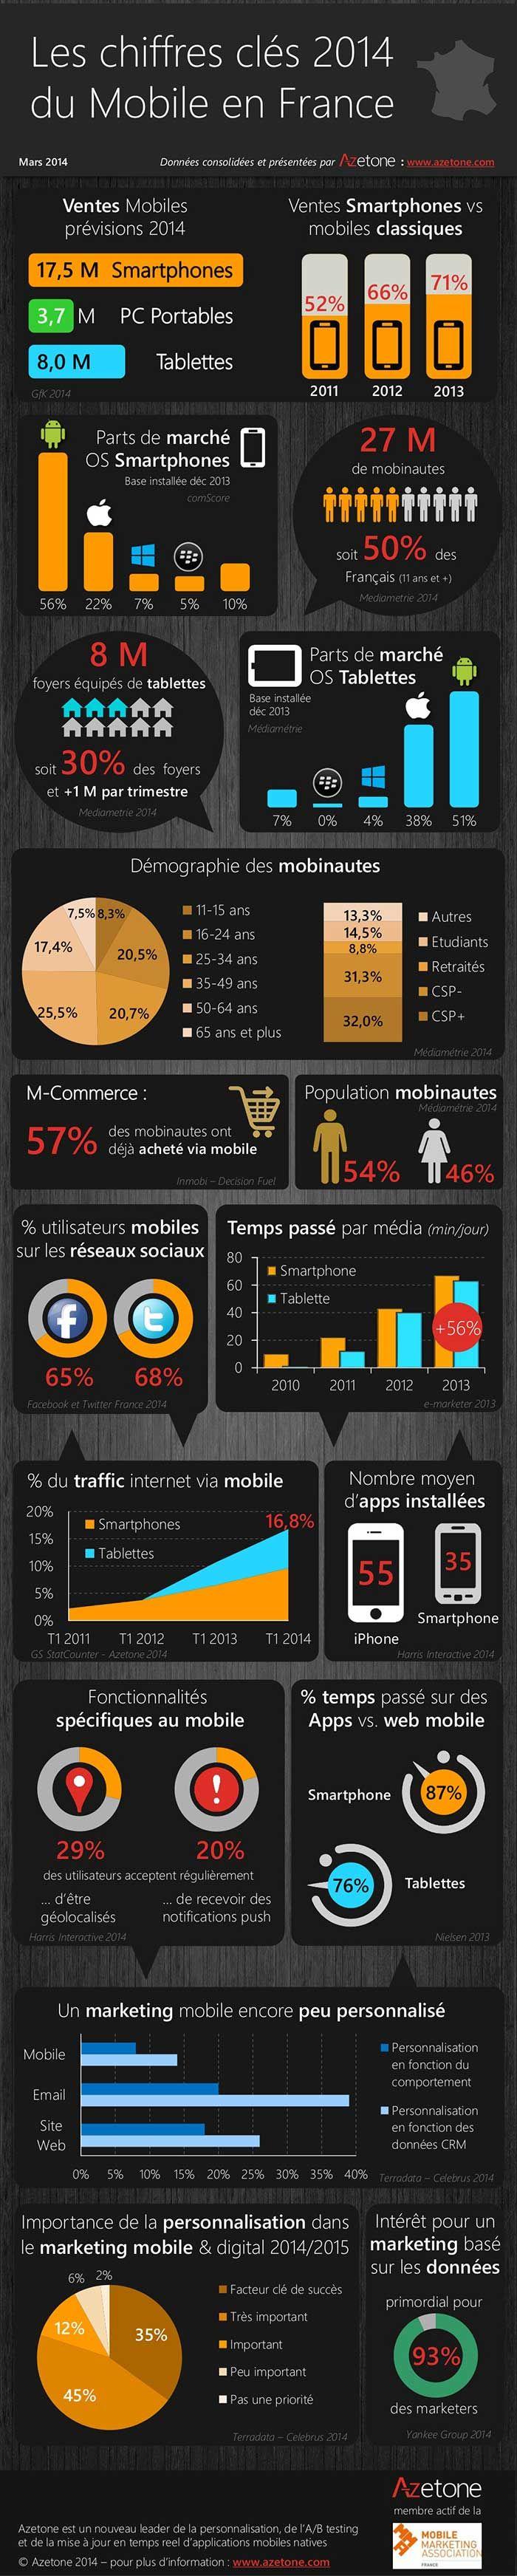 les chiffres clés du marketing mobile en France en 2014, réalisée par Azetone